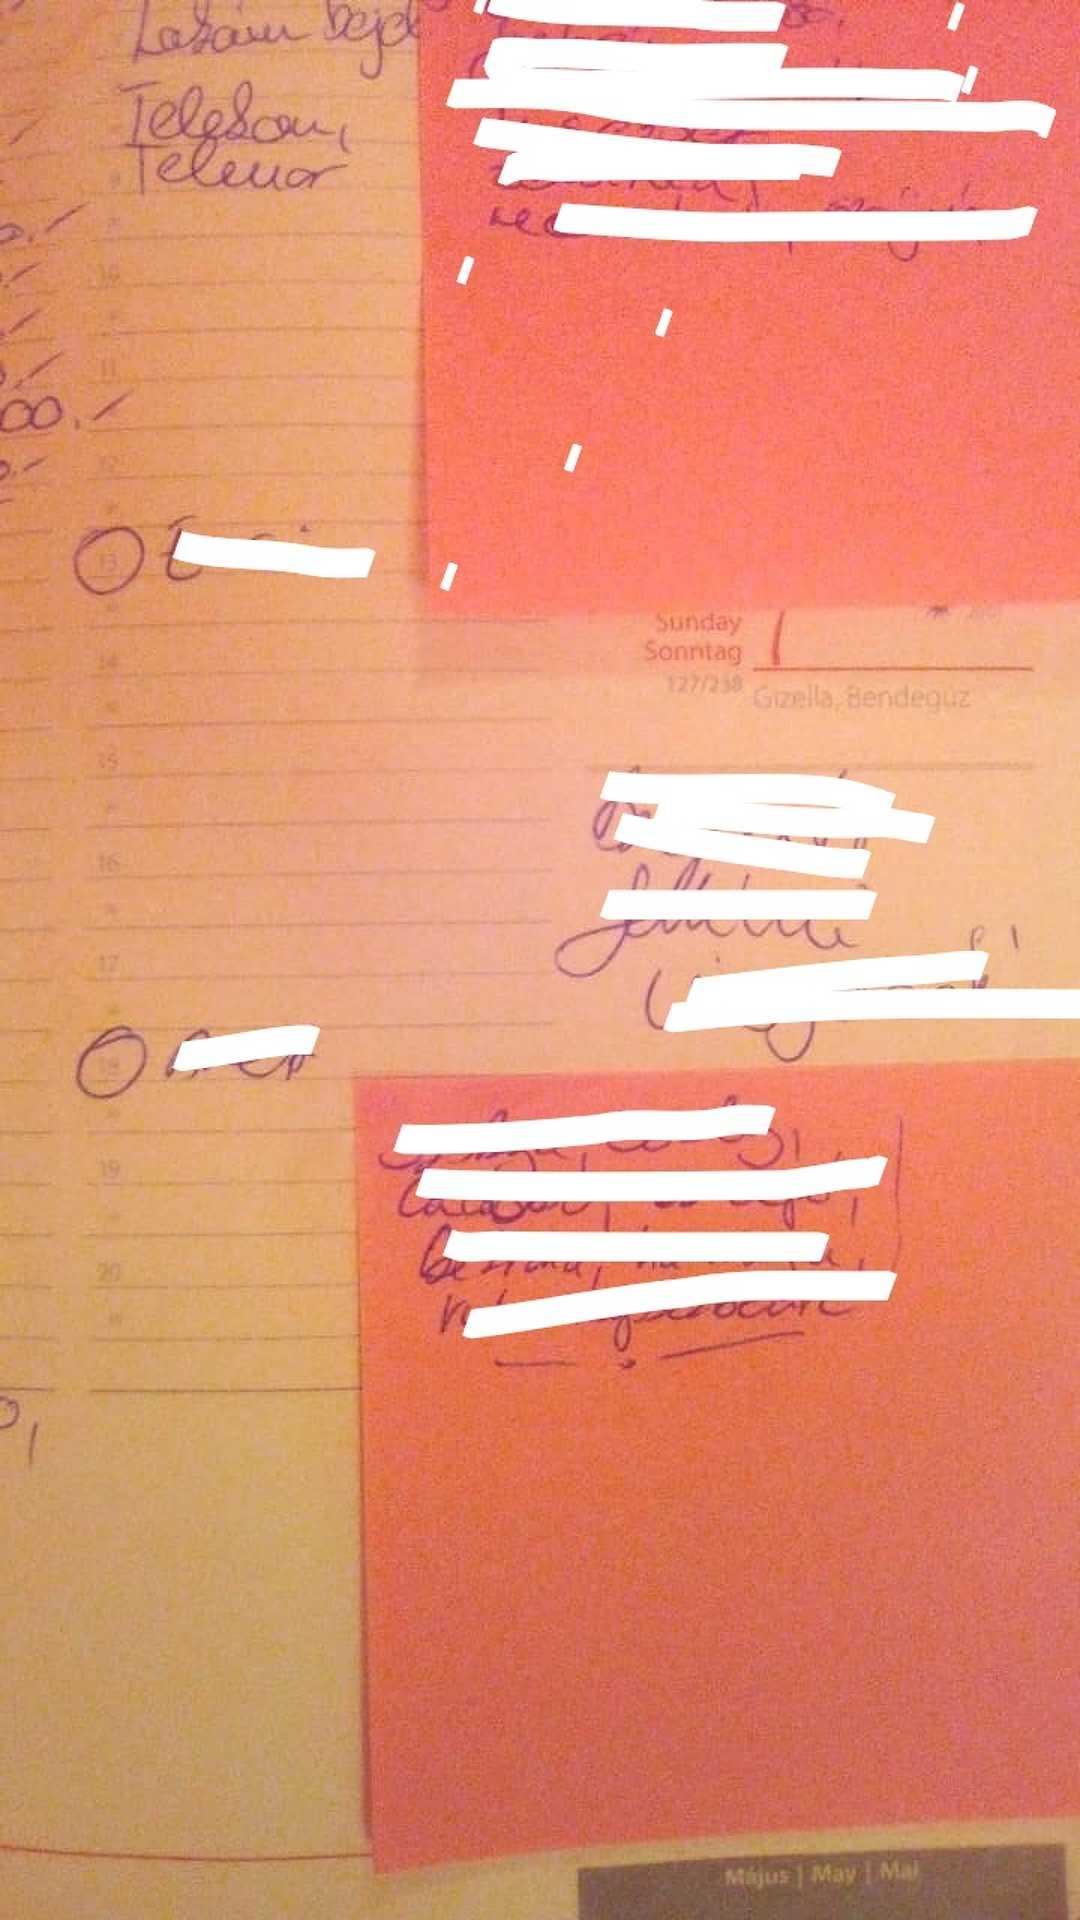 Csak a két bekarikázott időpont volt arra napra, mégis elvesztem a naplóm nélkül.